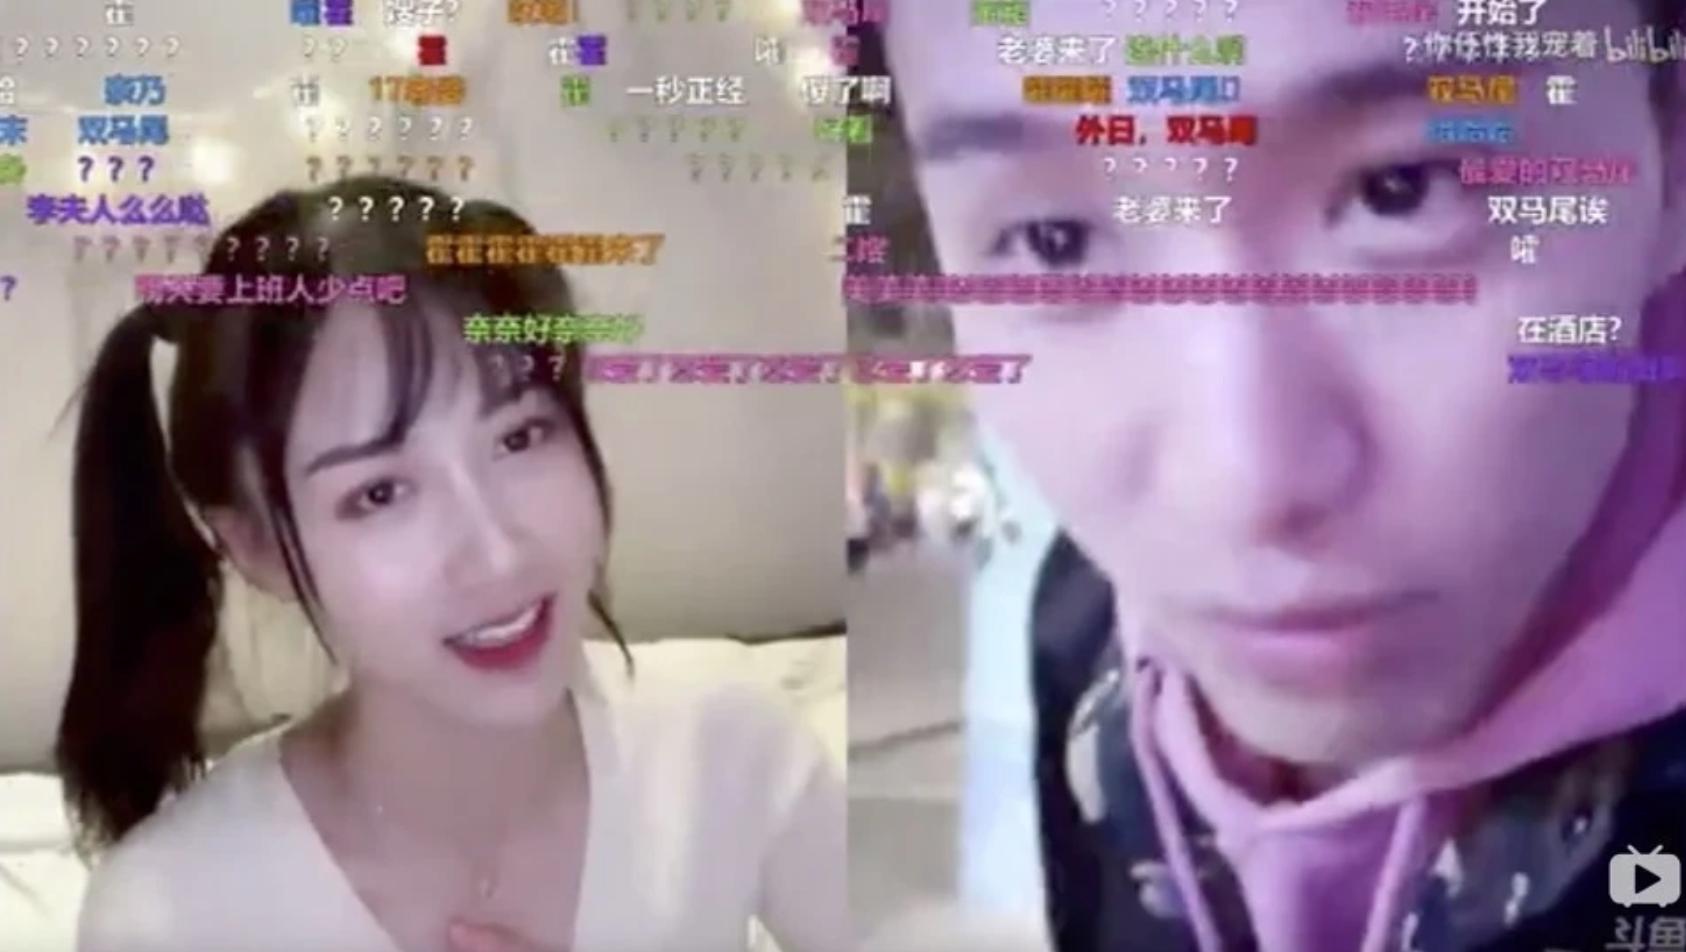 Lý do nữ streamer đình đám Trung Quốc phải từ bỏ nghề khi công khai bạn trai - Ảnh 1